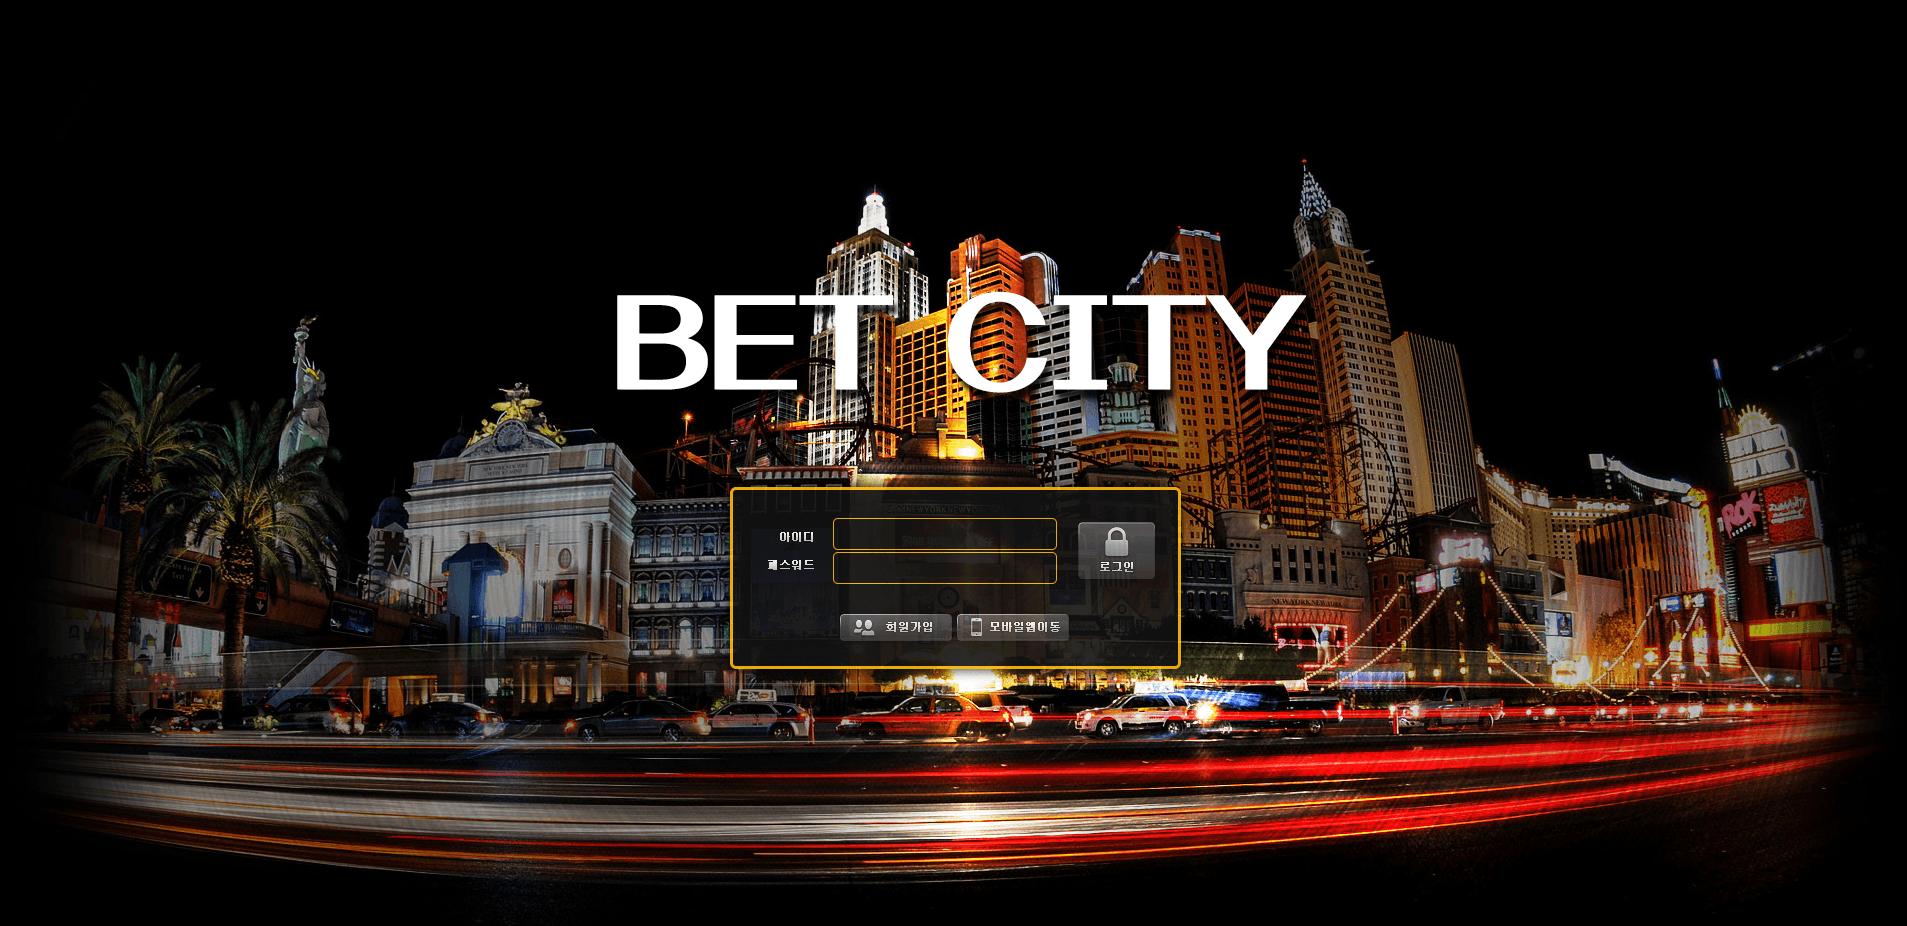 [먹튀검증]벳시티(Betcity)먹튀사이트확정bct-125.com먹튀검증업체 토토안내소